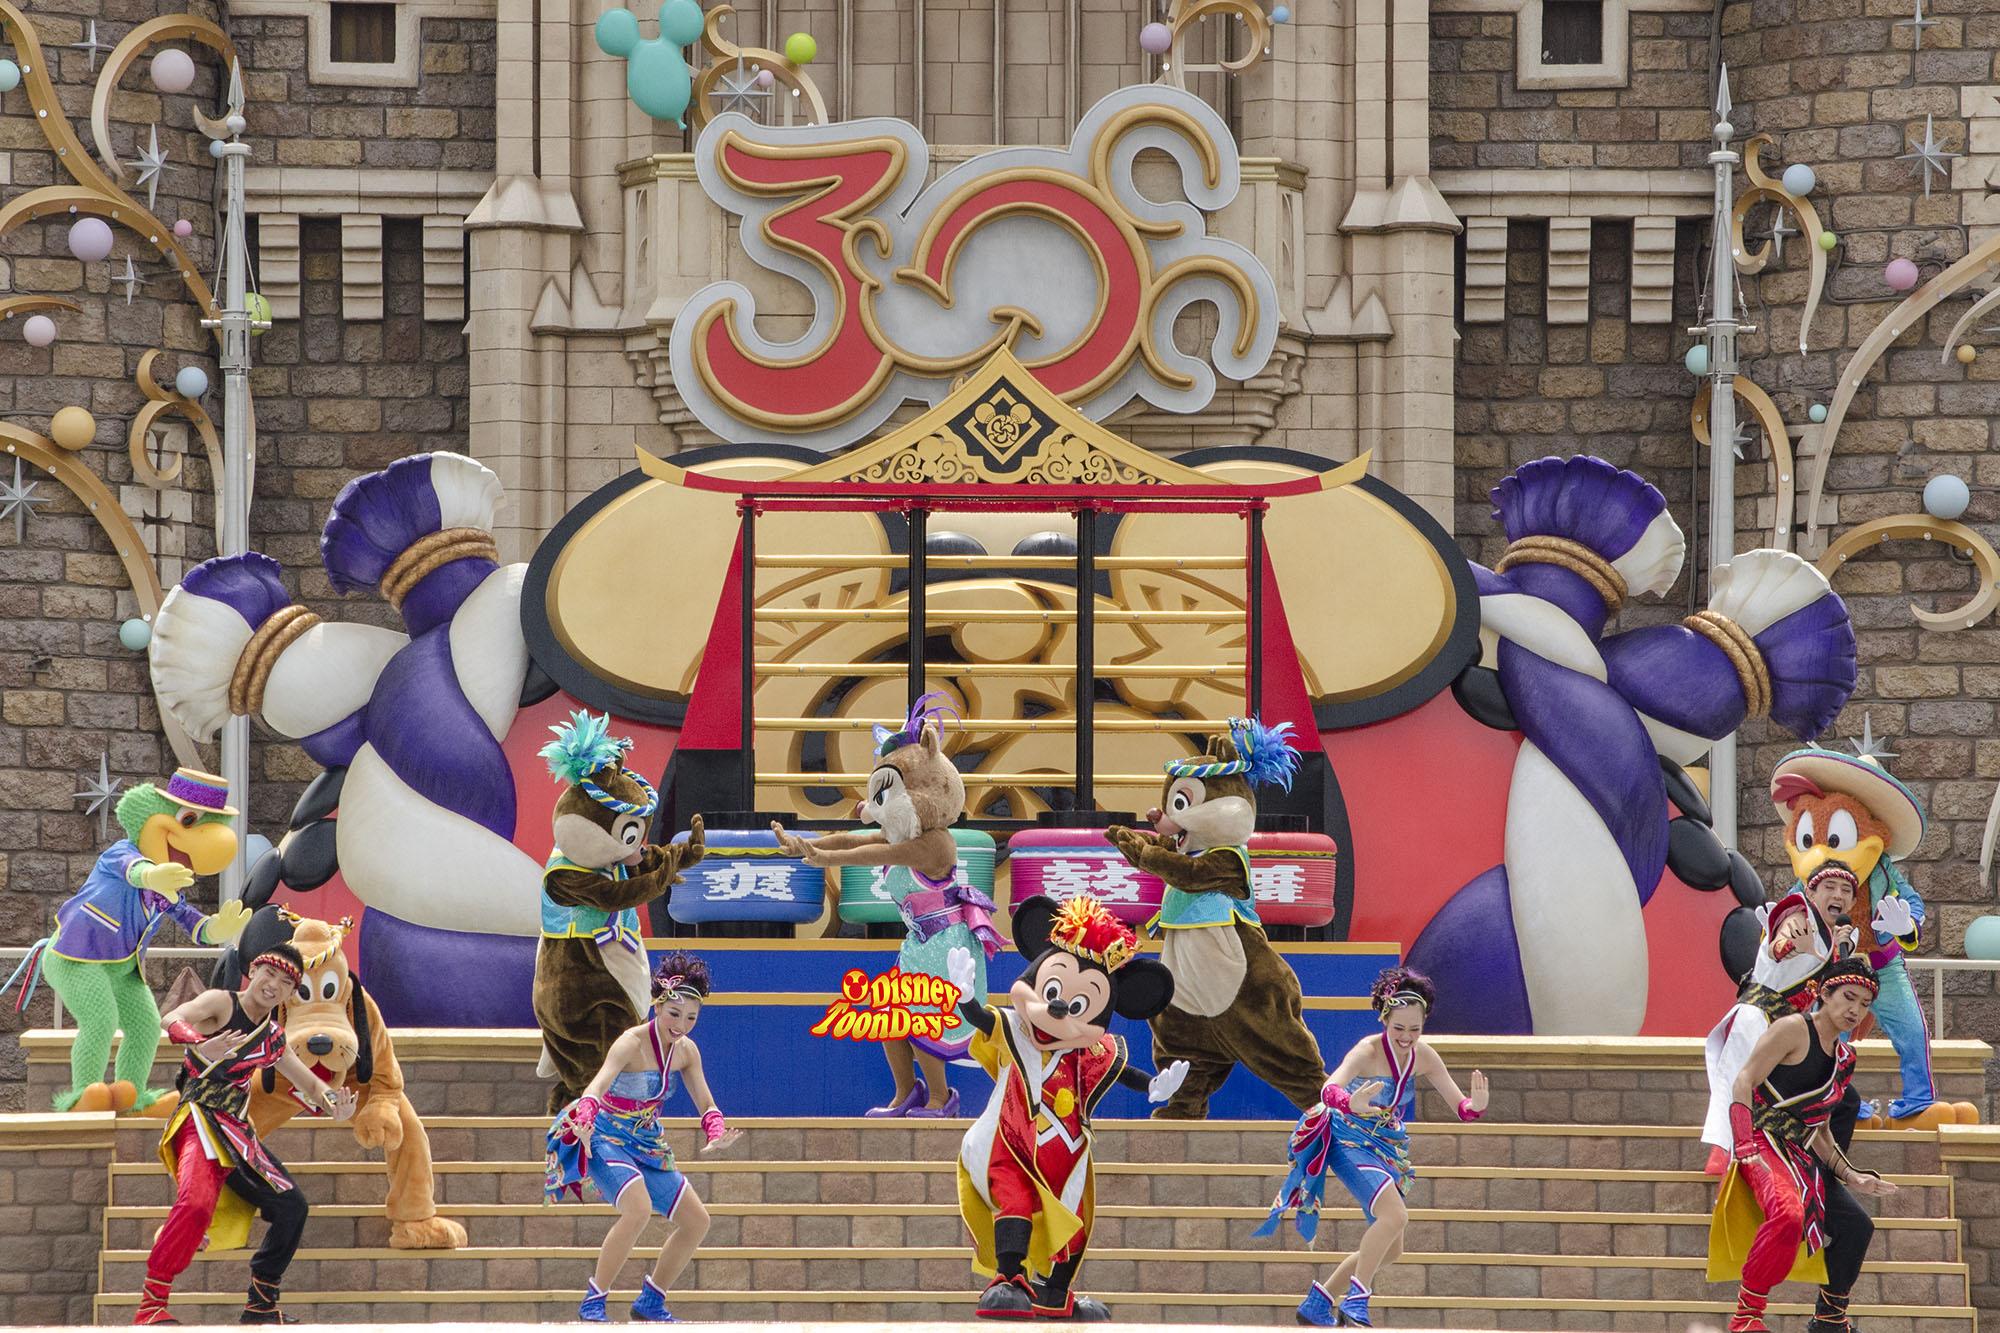 TDS 夏ディズニー2013 爽涼鼓舞 ミッキーマウス プルート クラリス チップ デール ホセキャリオカ パンチート